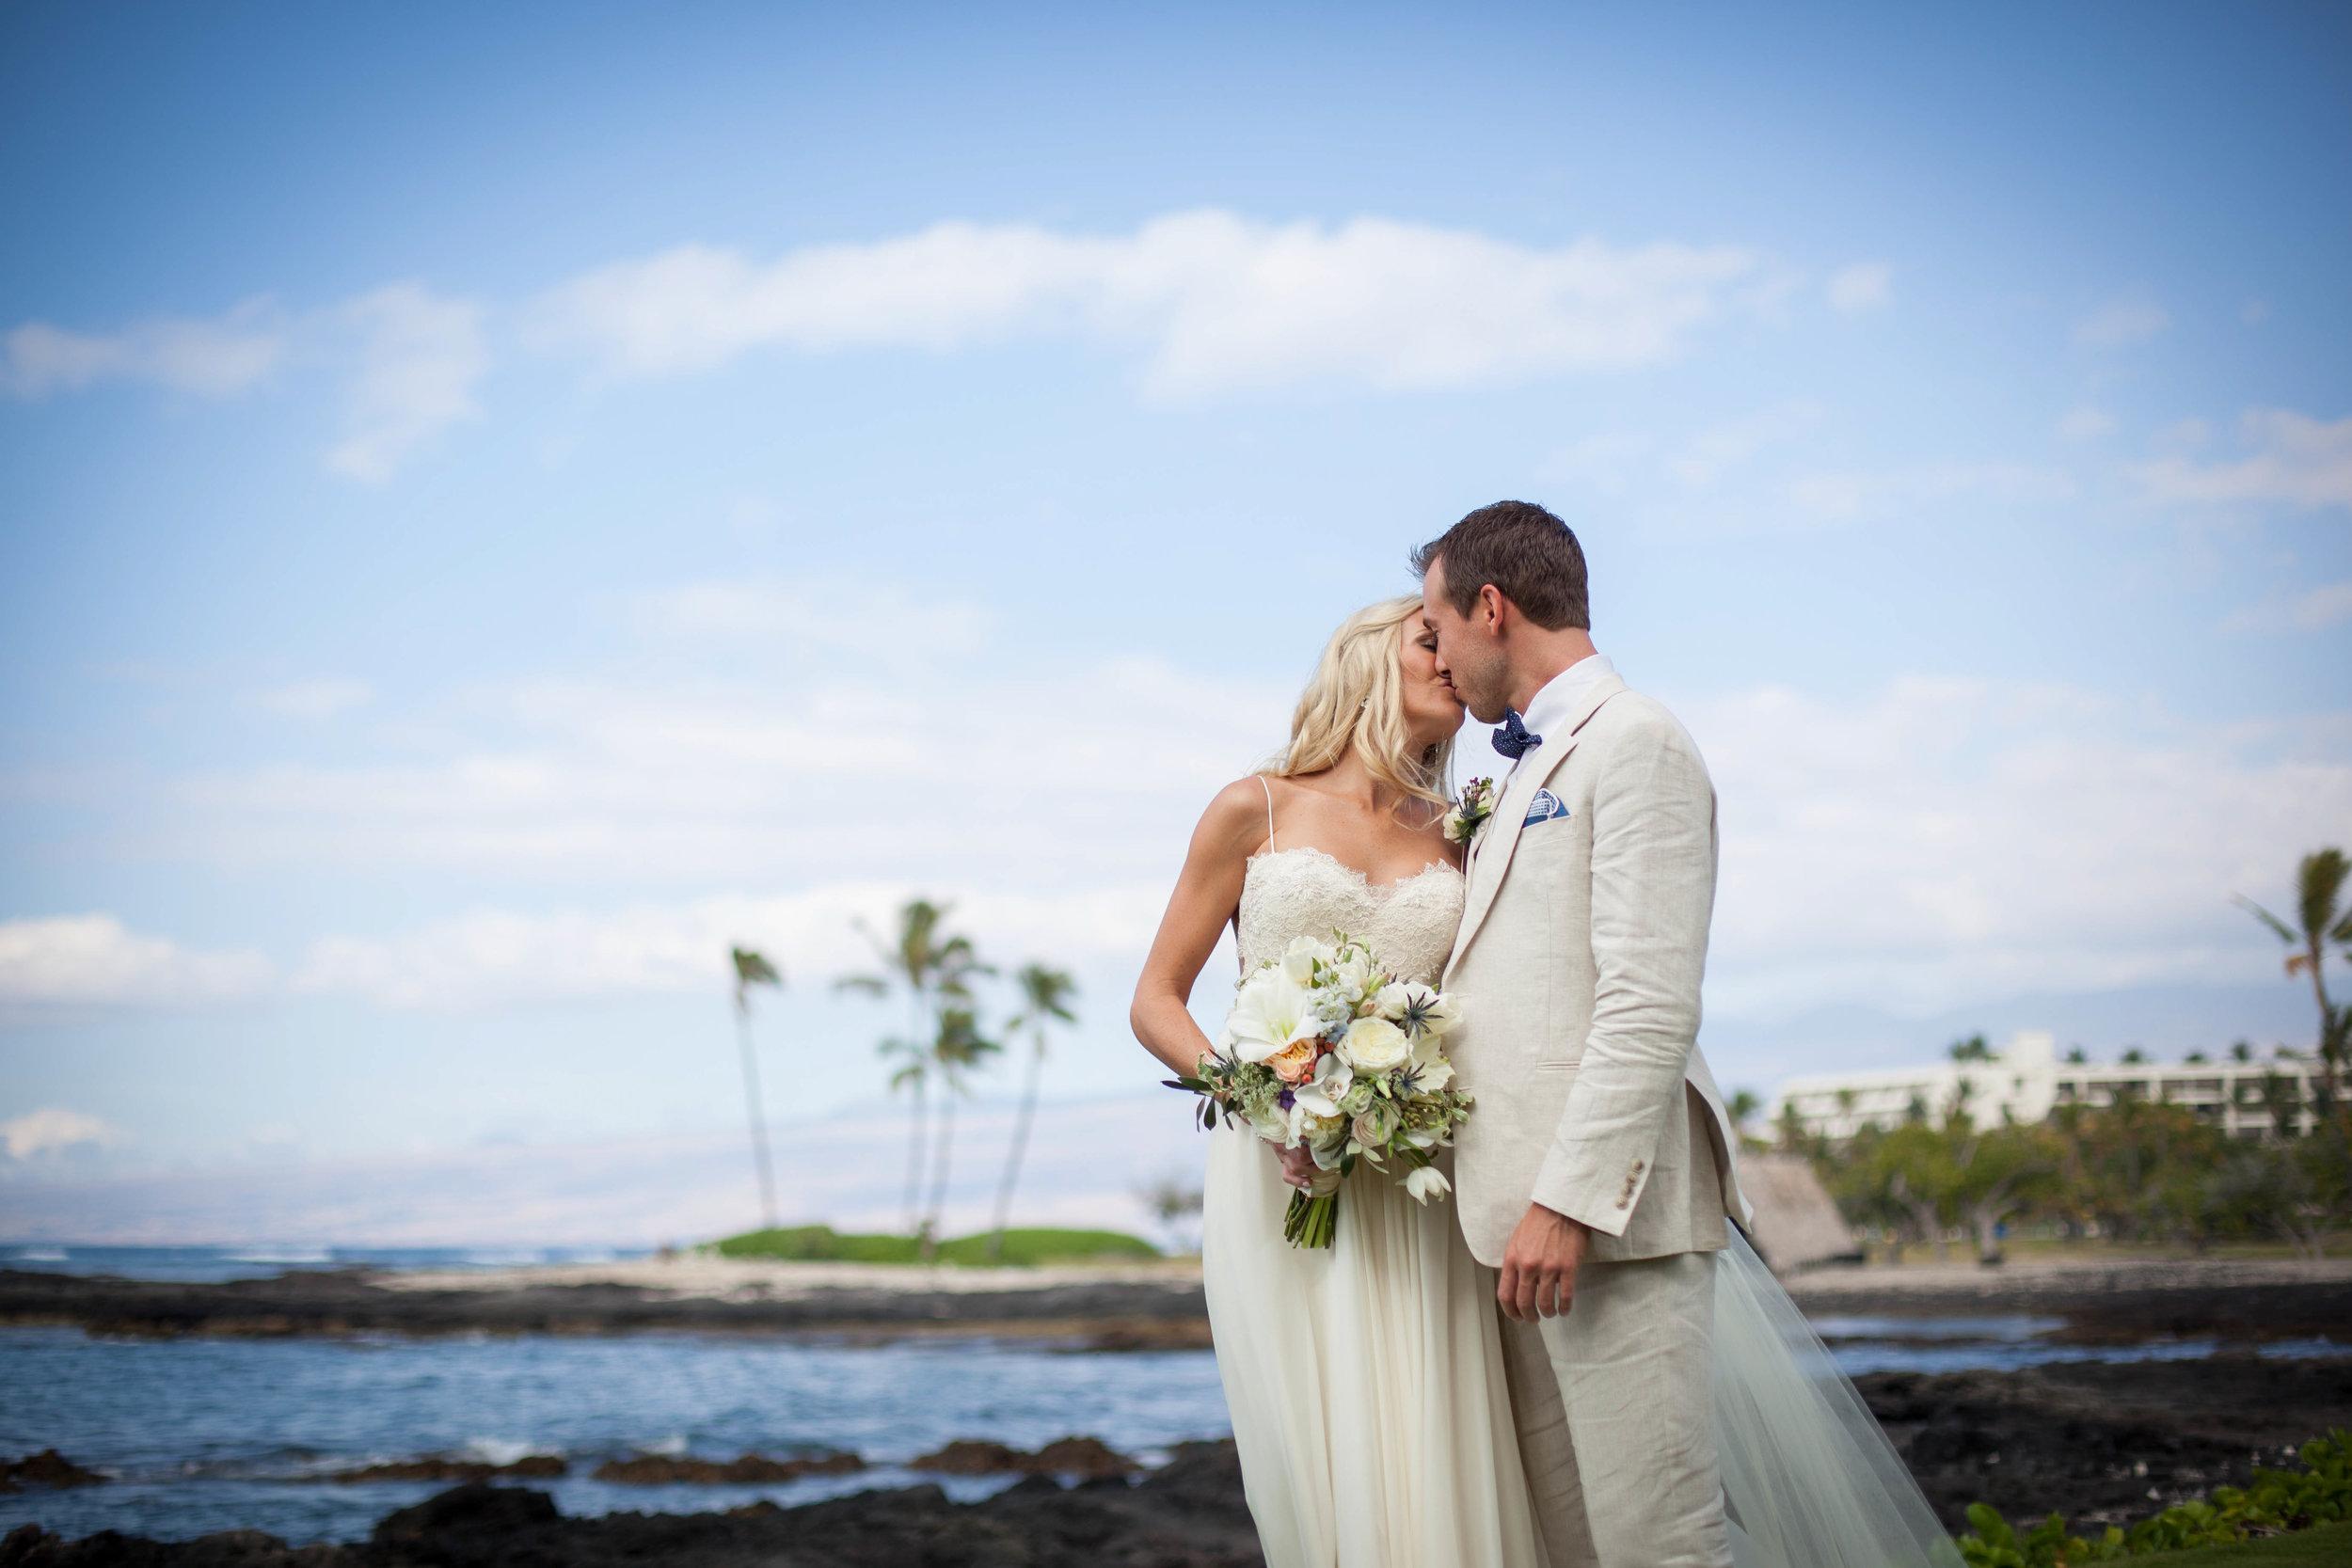 big island hawaii mauna lani resort wedding © kelilina photography 20160131145929-1.jpg